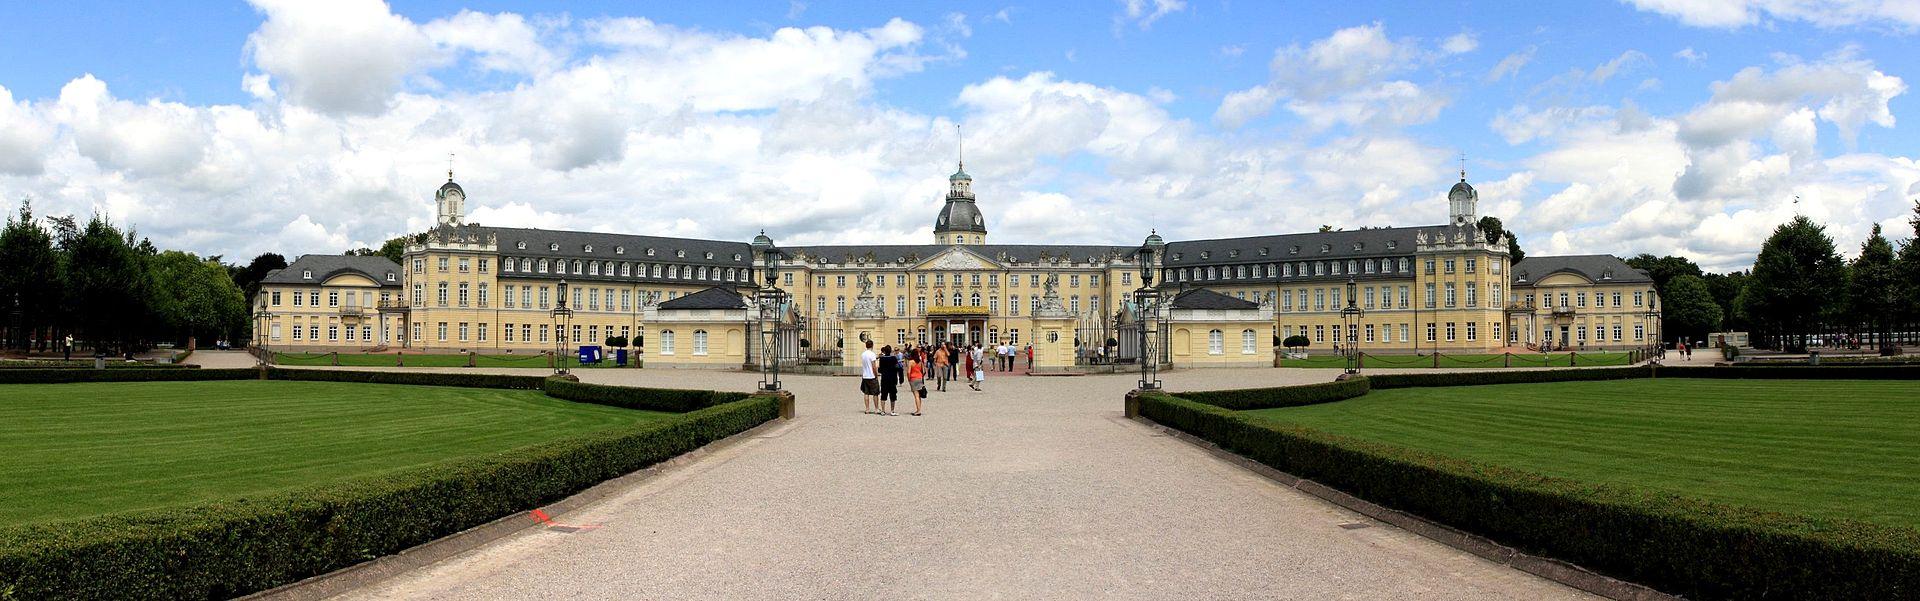 Bild Badisches Landesmuseum Karlsruhe